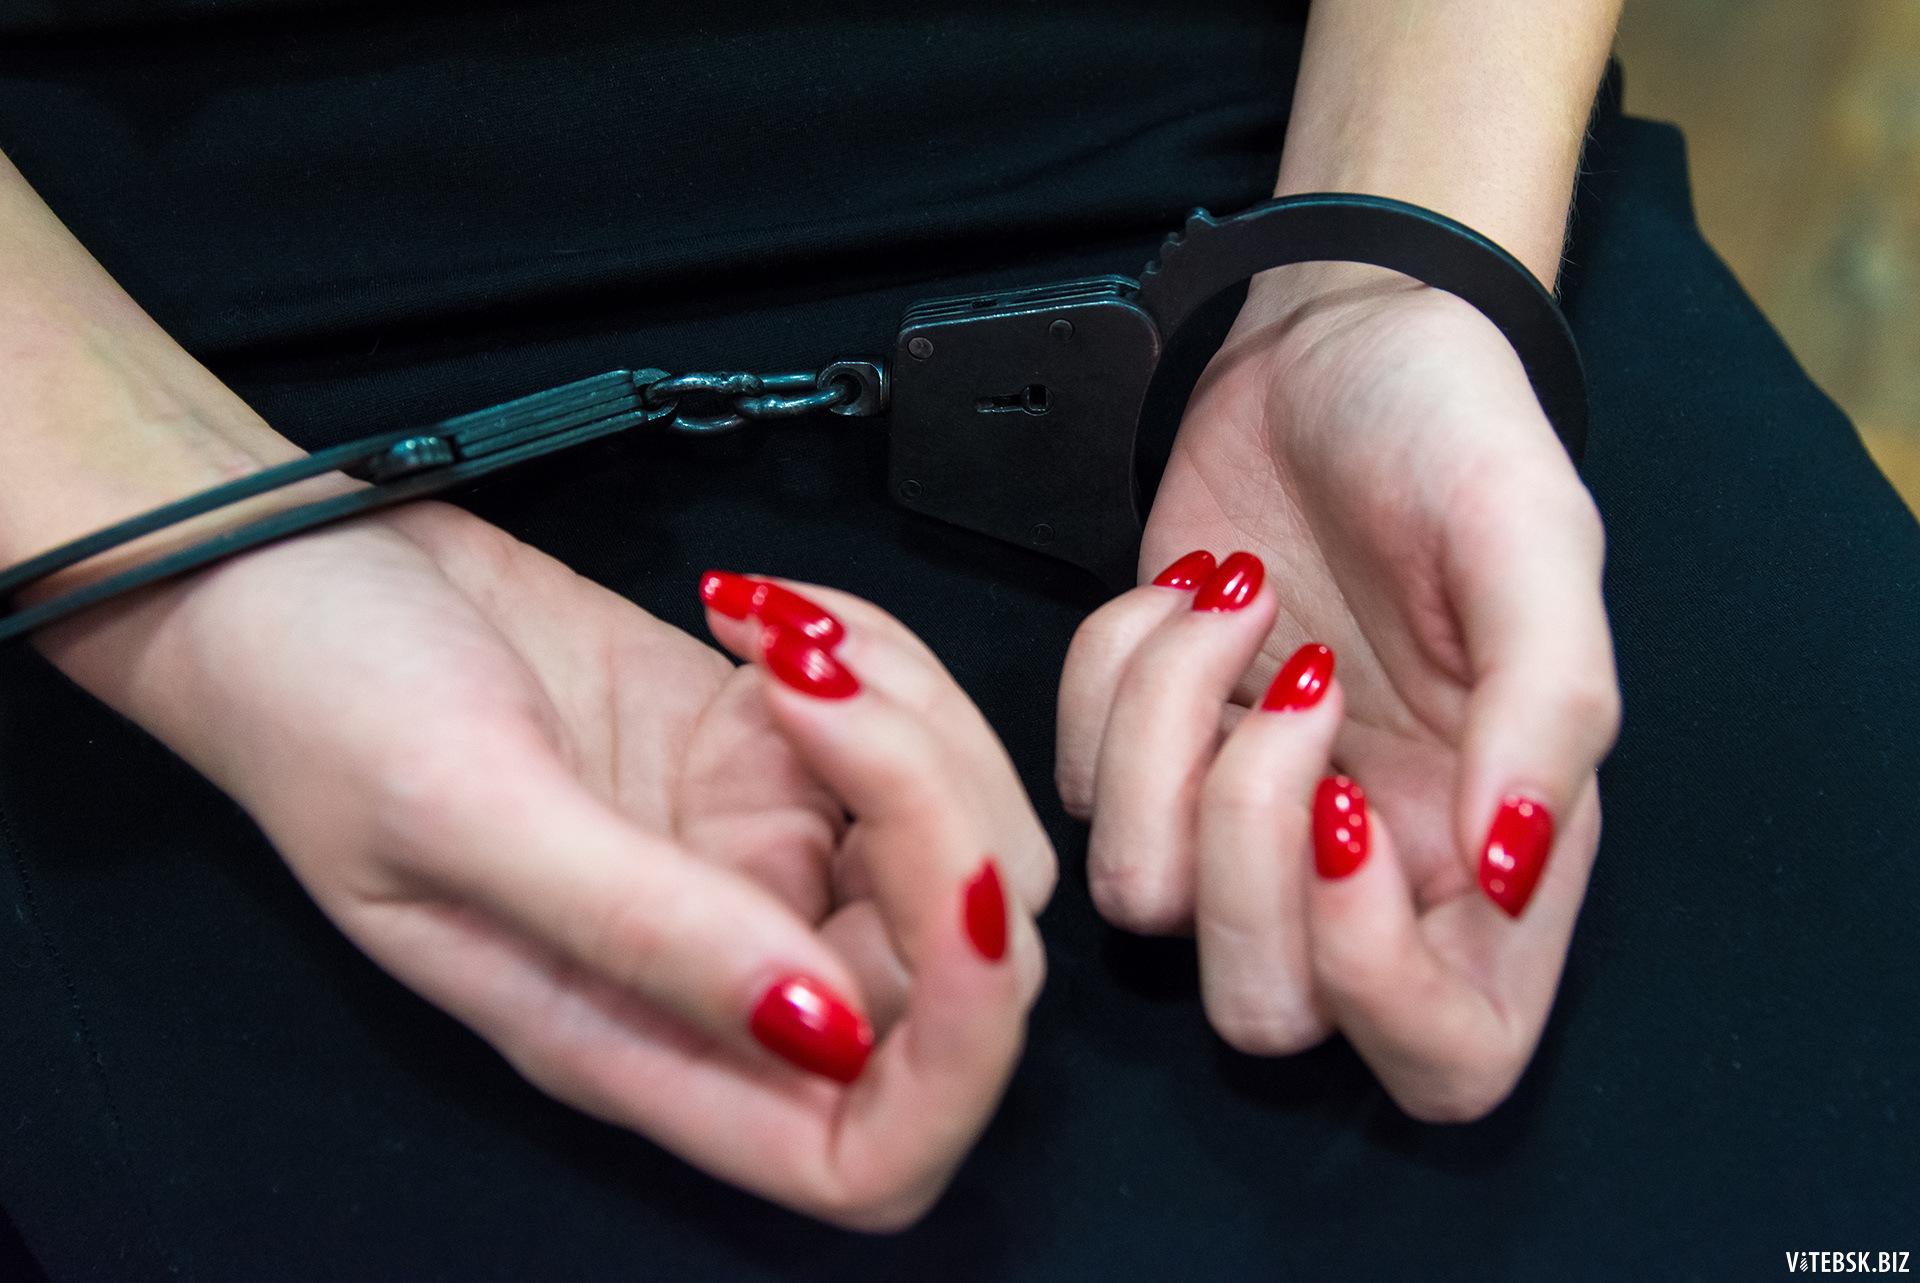 Жительница Днепра в центре города пыталась украсть косметику